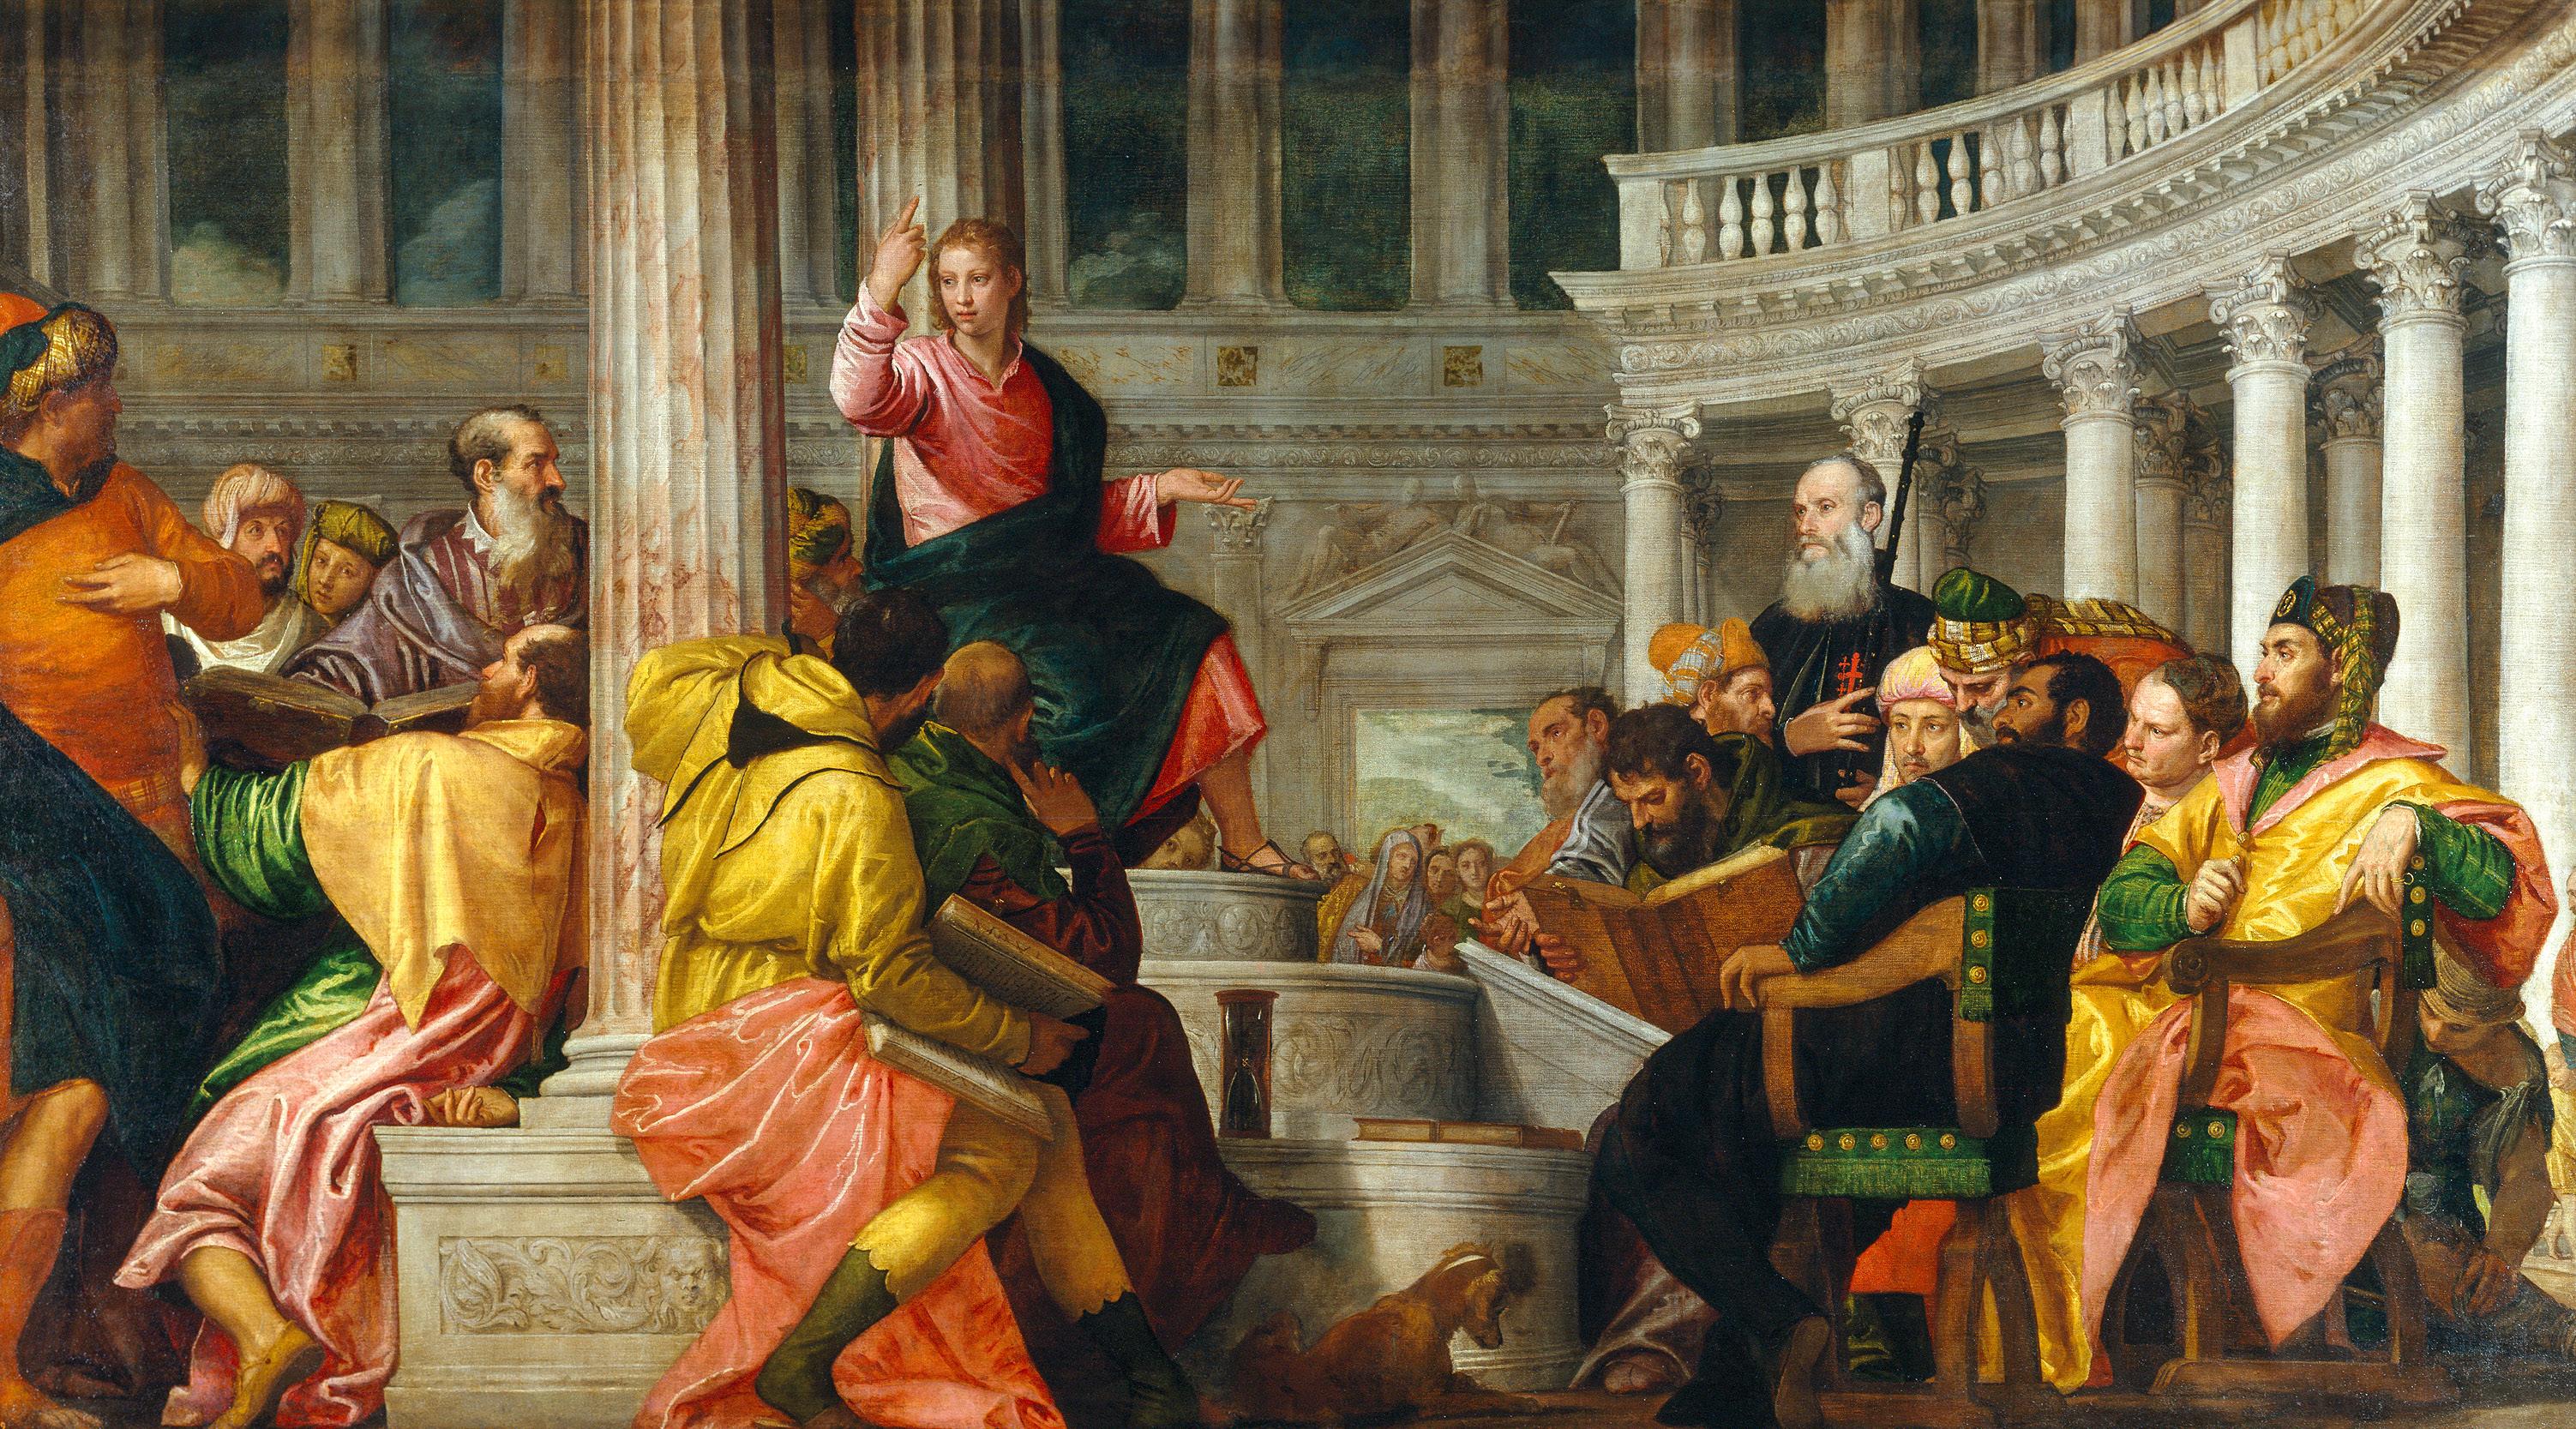 Jesus no meio dos Doutores da Lei. Óleo sobre tela, de Paolo Veronese, 1560. Museu do Prado, Madrid. Commons.wikimedia.org.